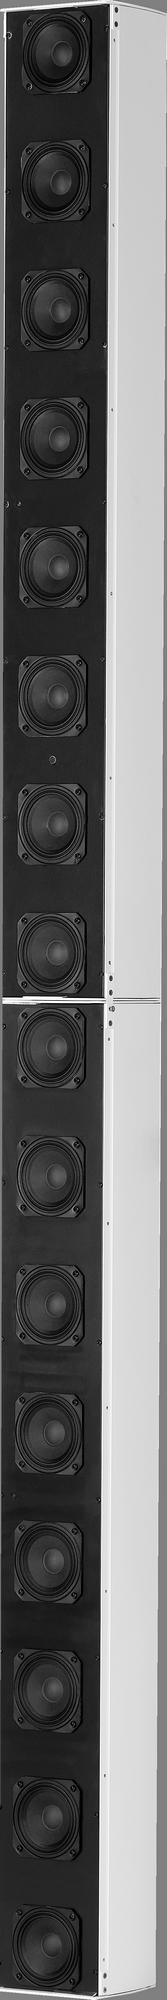 Tannoy  QFLEX 16LS WP WHITE - Haut Parleur d'installation